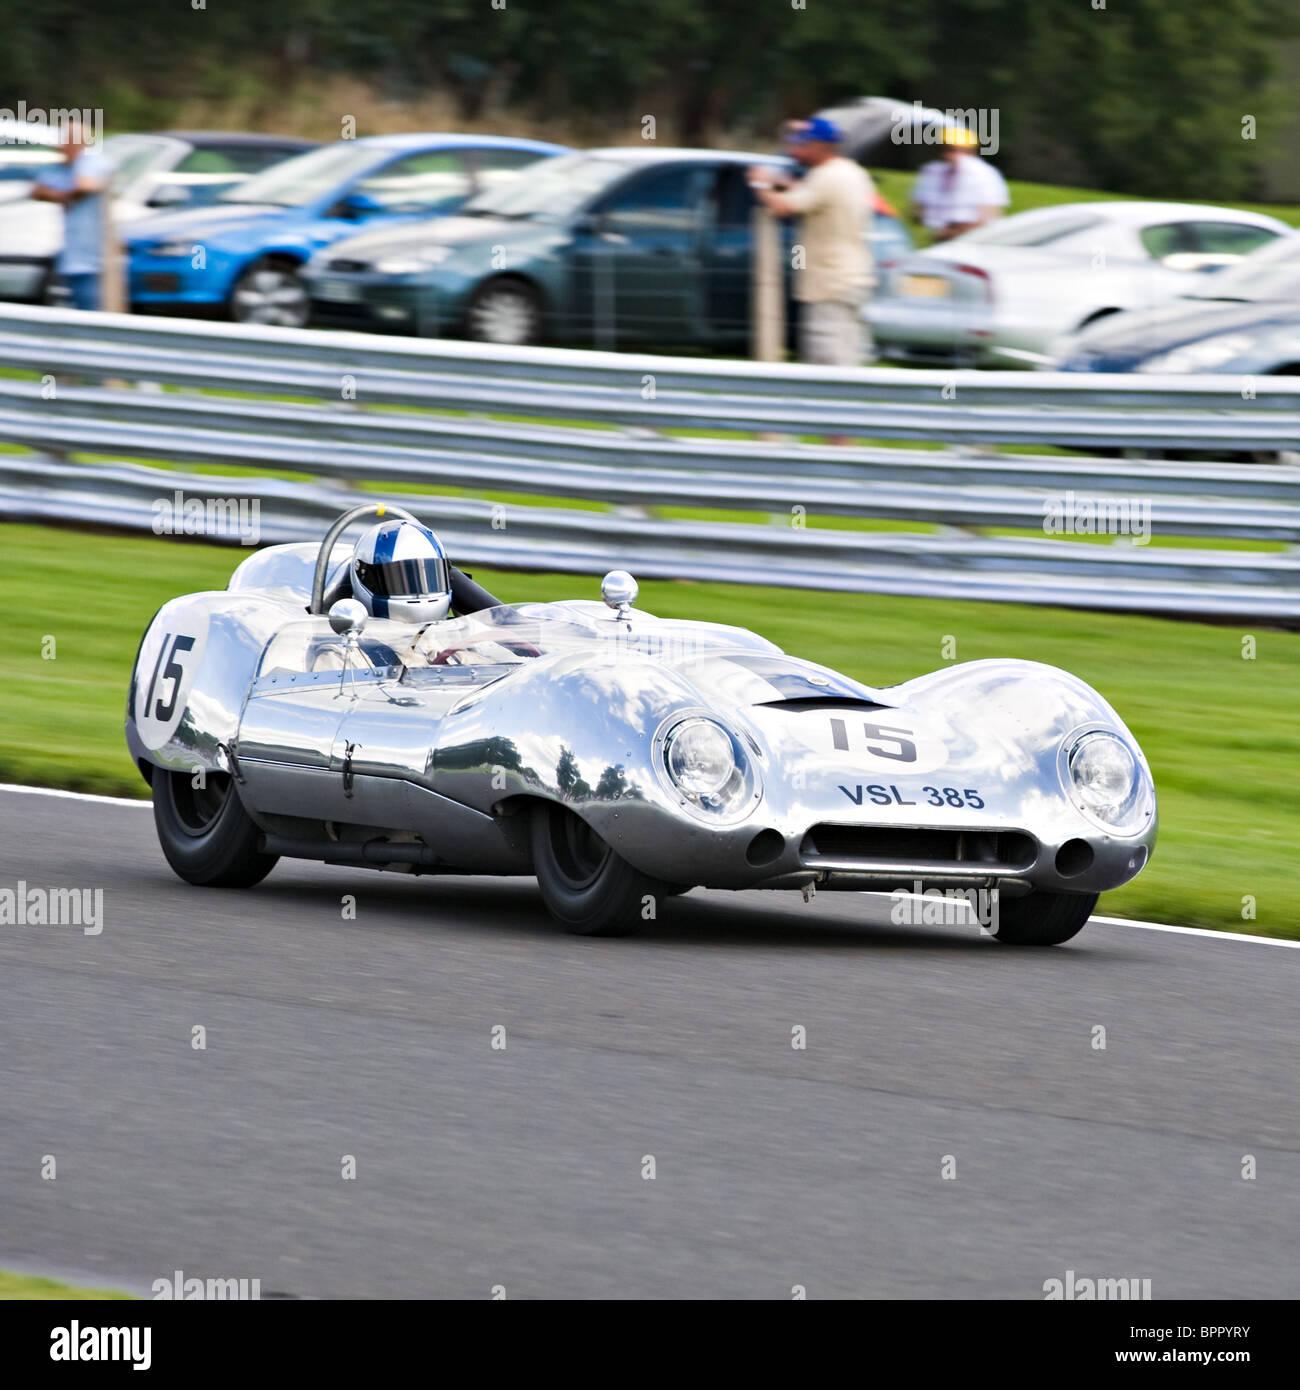 Sports Car Racing Lotus Stock Photos & Sports Car Racing Lotus Stock ...